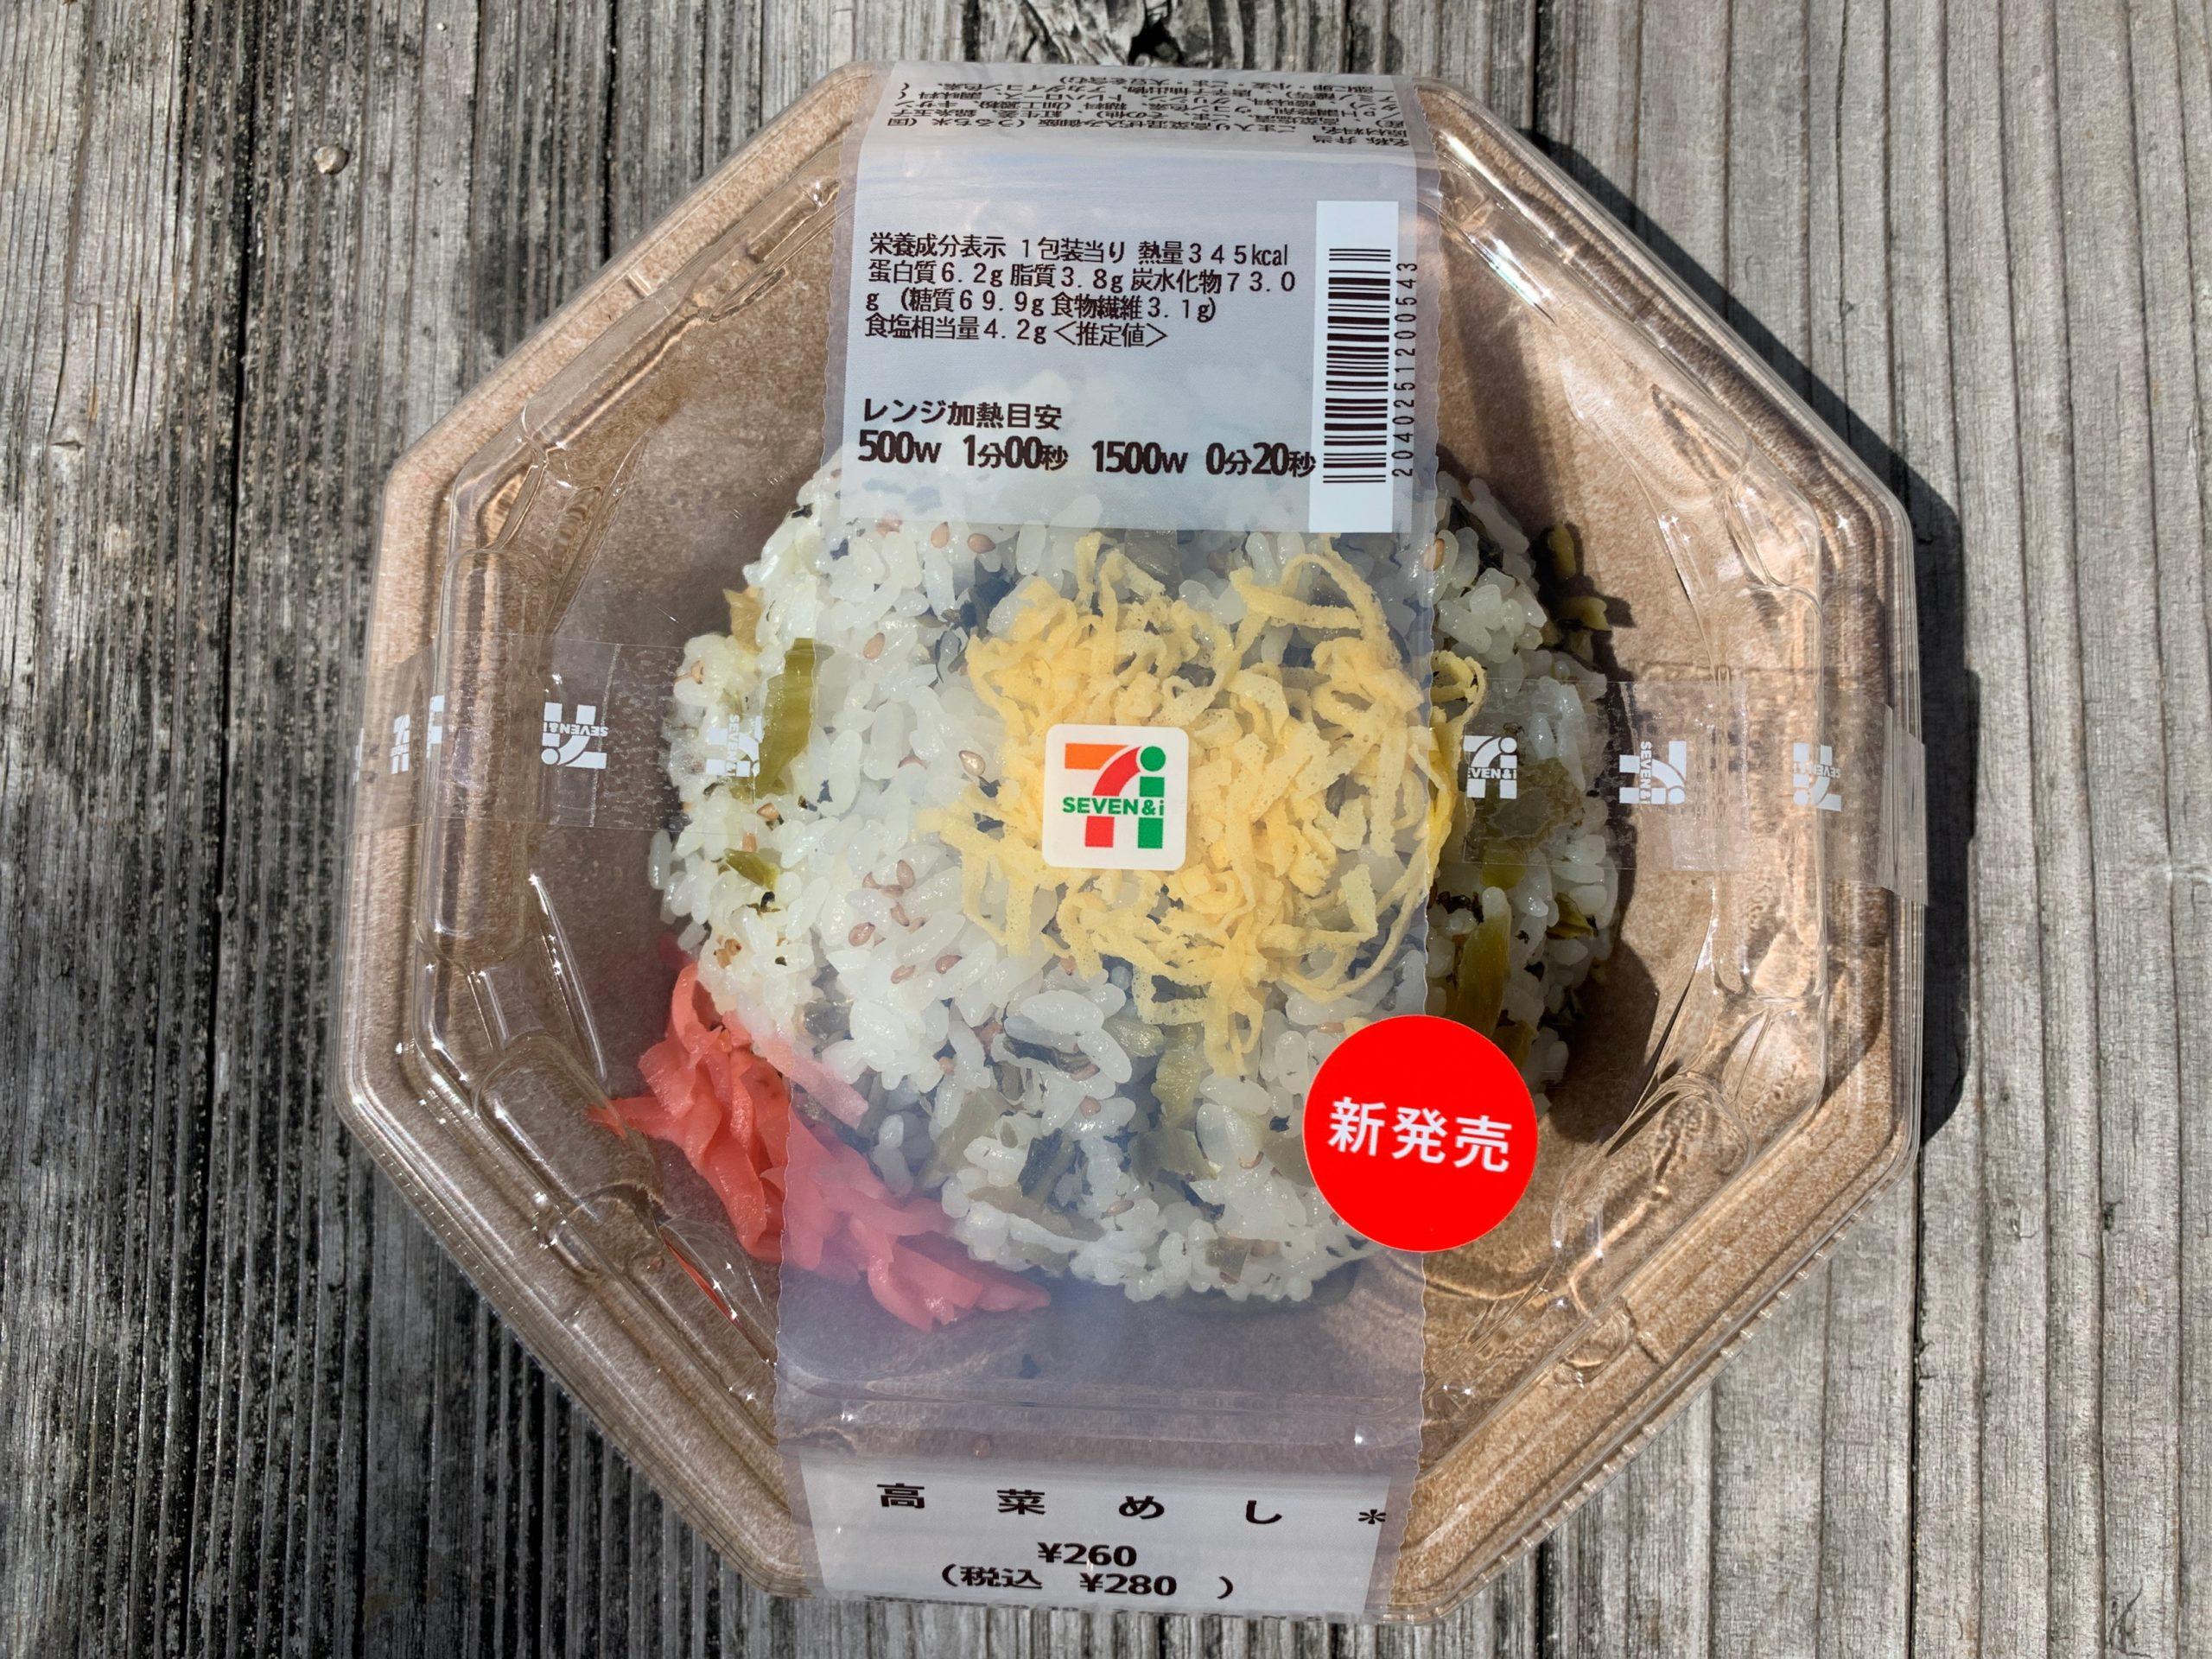 高菜めしのパッケージ